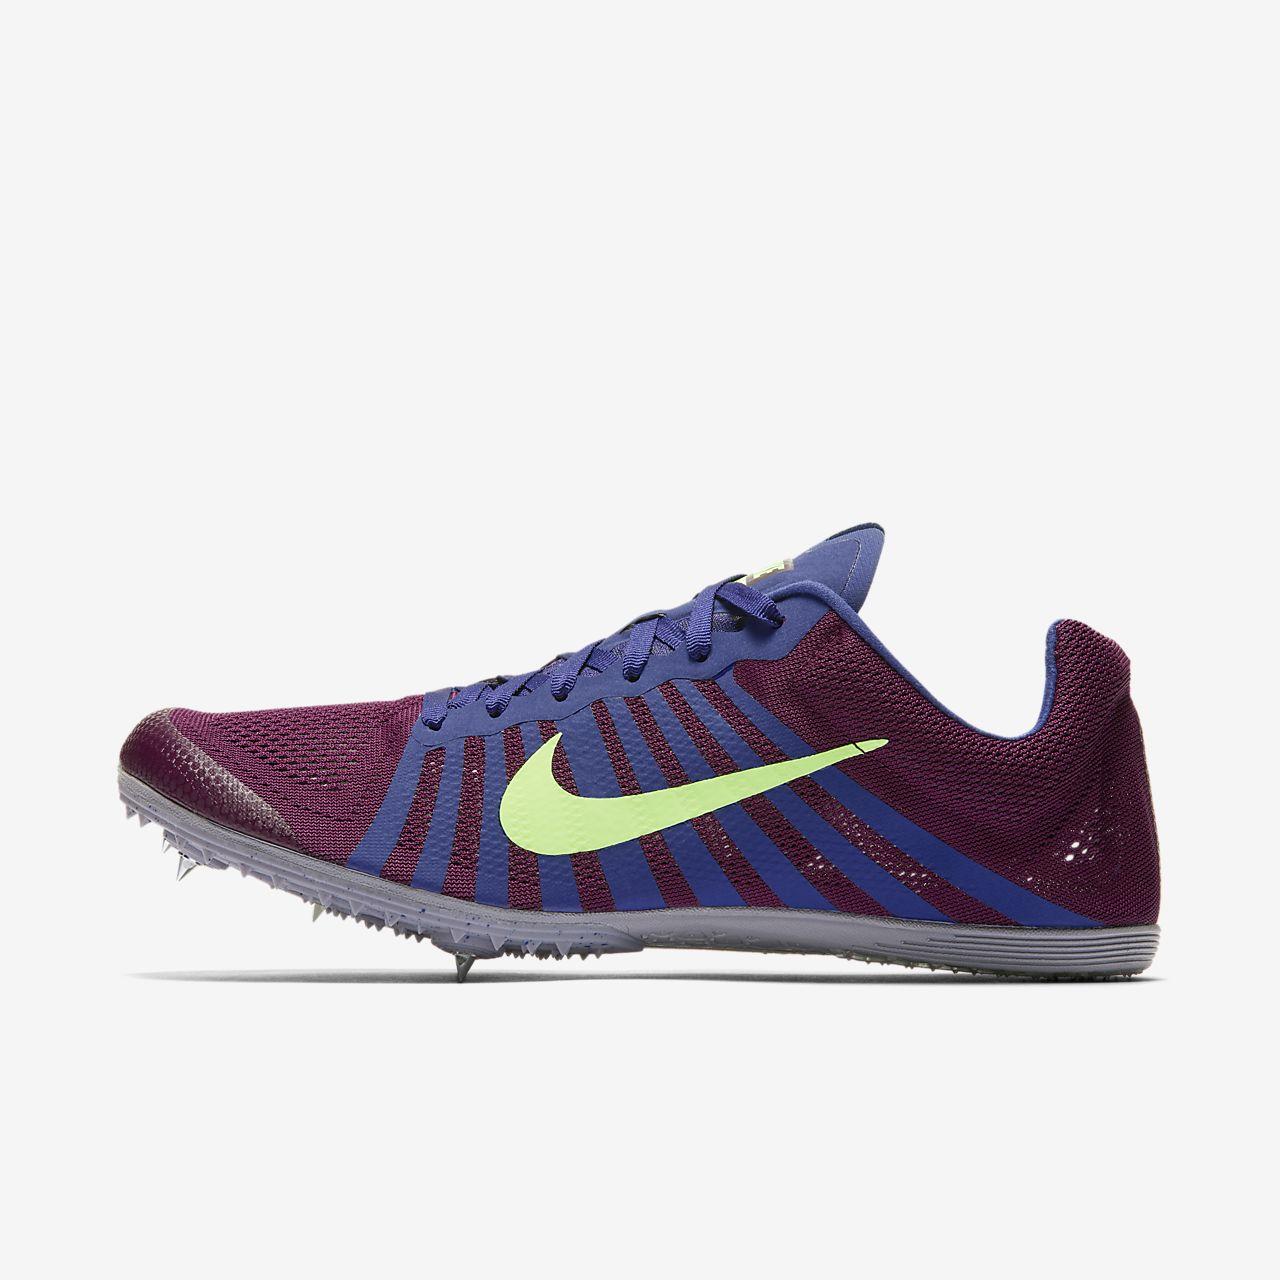 Pointes Mixte Chaussure À Zoom Nike Longue D De Course Distance zMUVpS